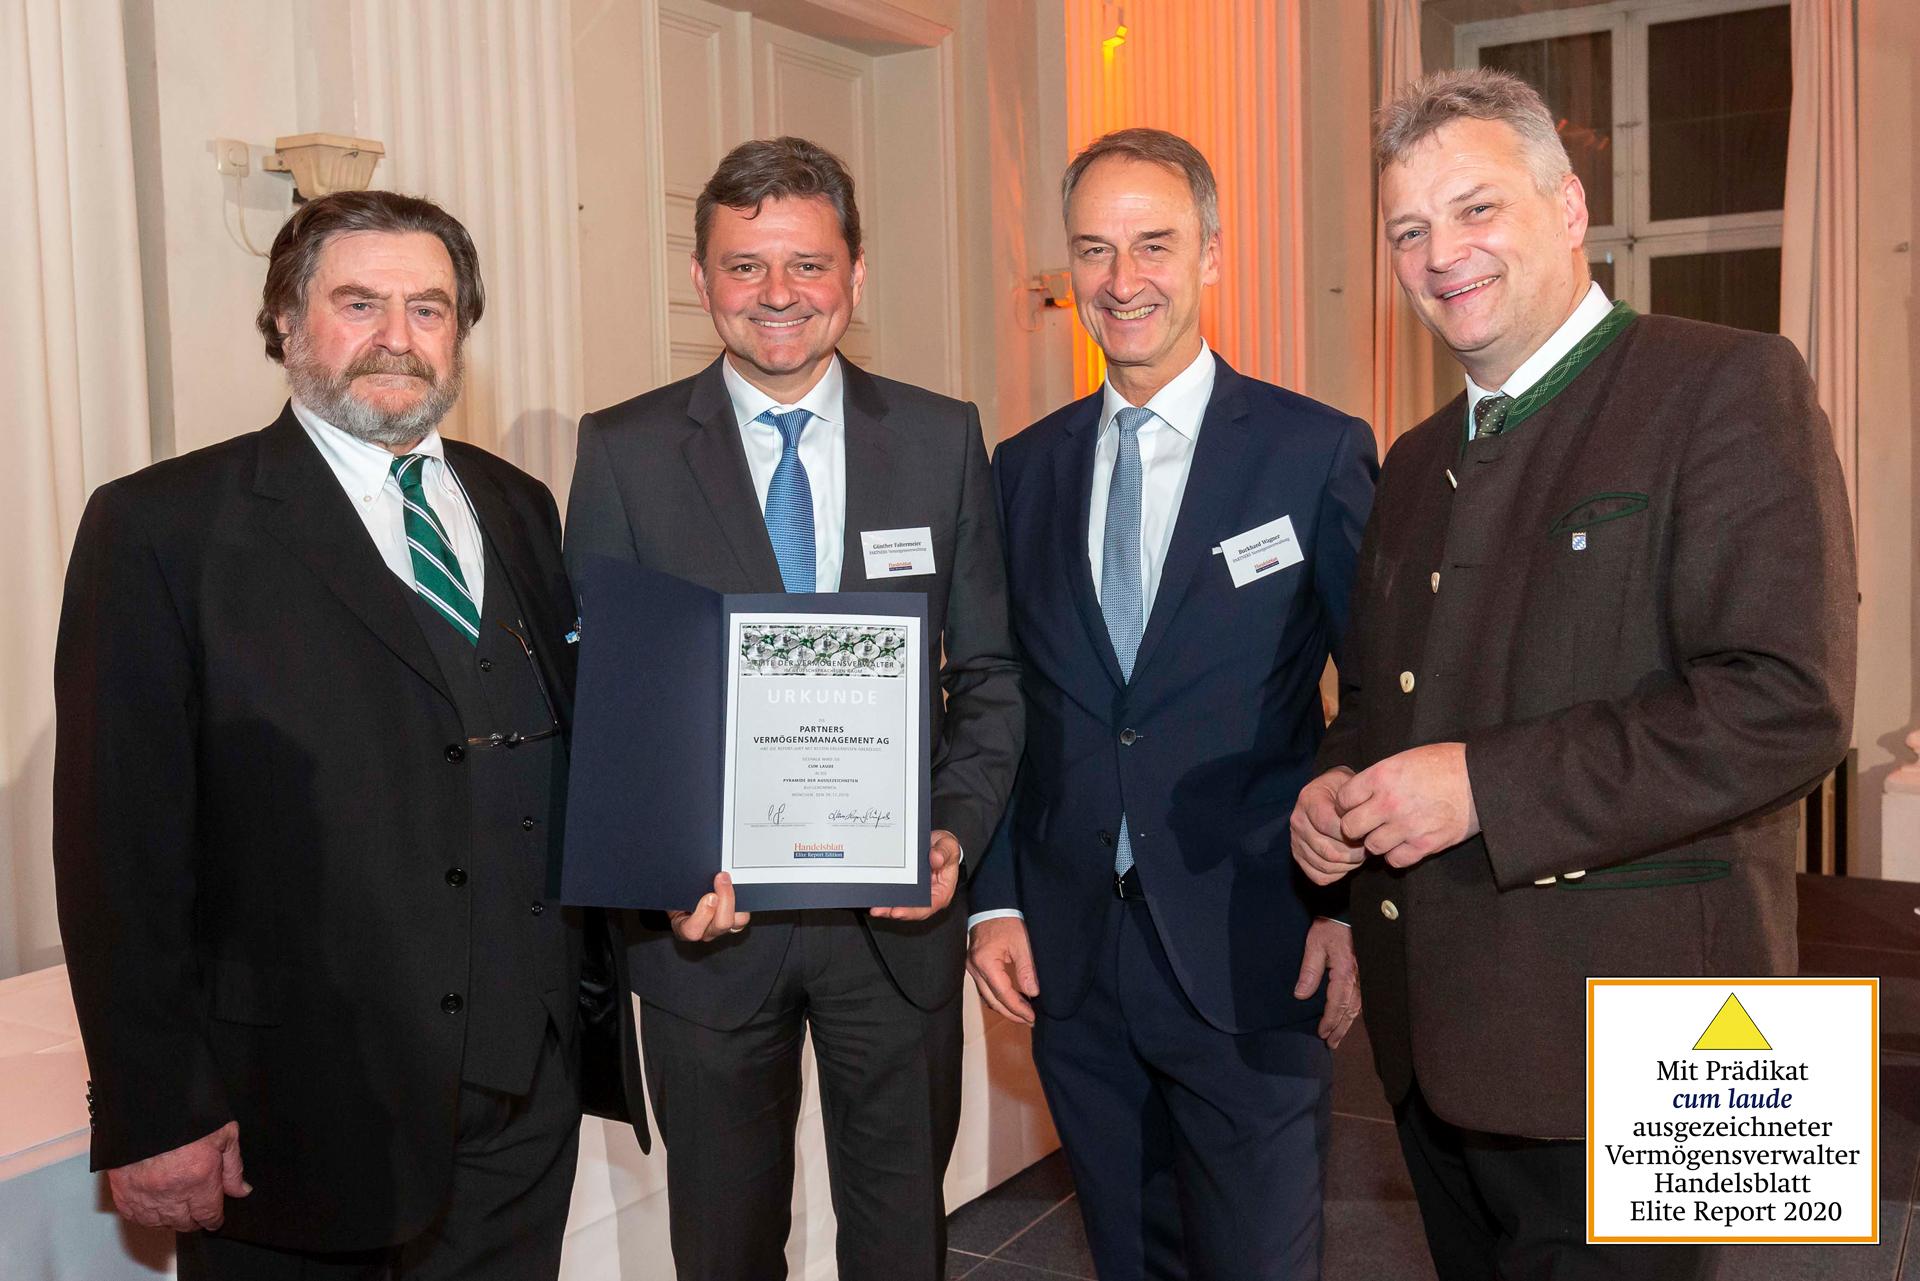 Staatssekretär Roland Weigert, Bayerisches Staatsministerium für Wirtschaft, Landesentwicklung und Energie und Hans-Kaspar von Schönfels, Chefredakteur des Elite Reports